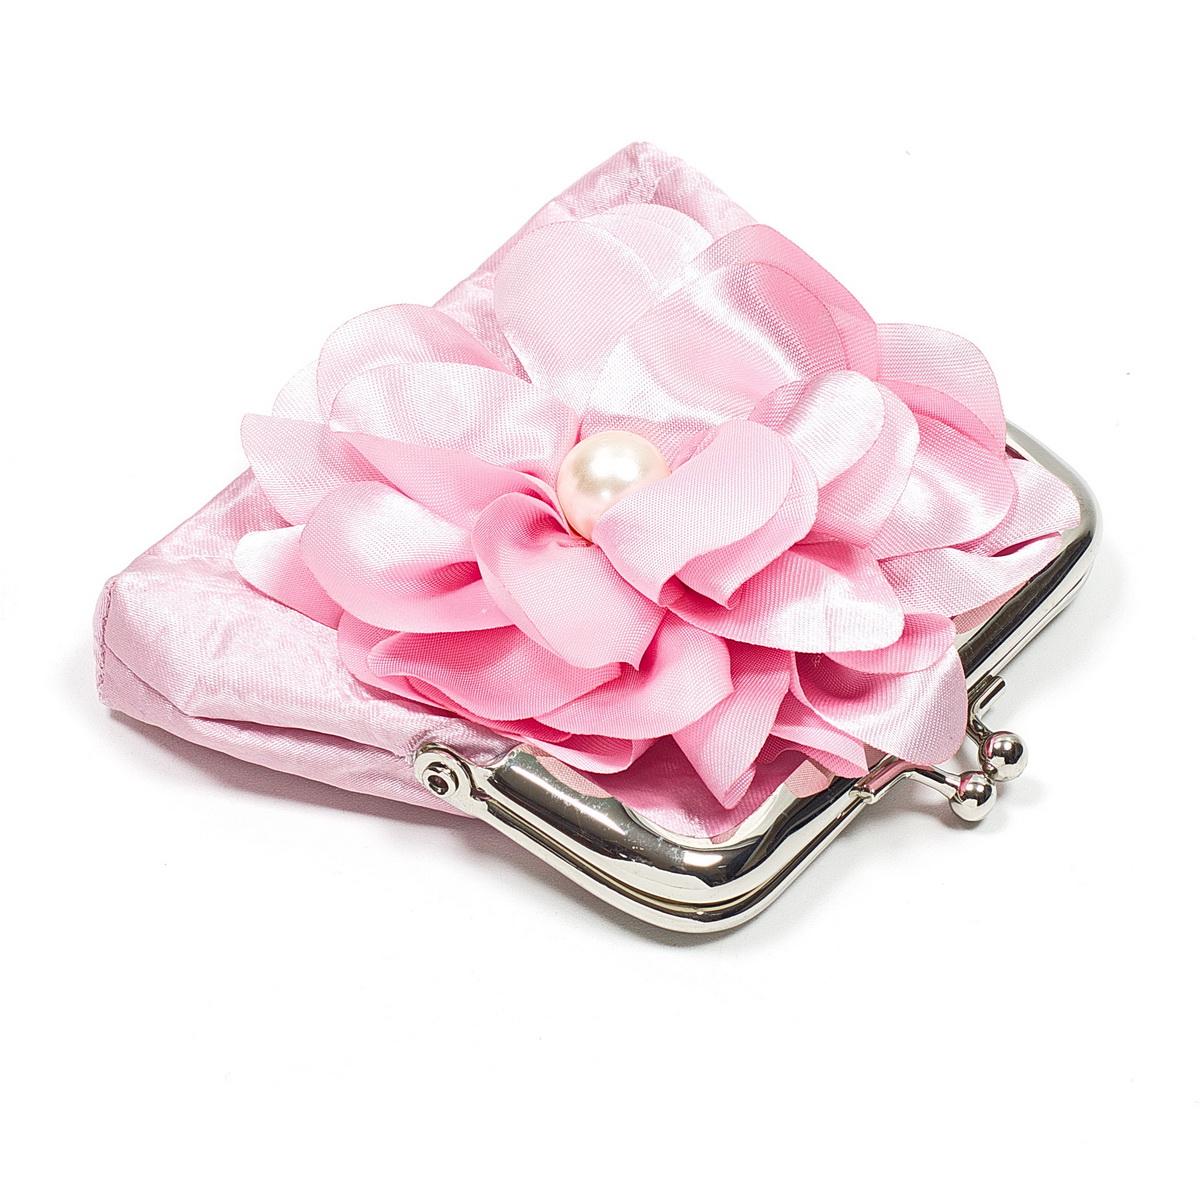 KBAGS1013EL 2 Кошелек розовыйОписание пока не добавлено<br>